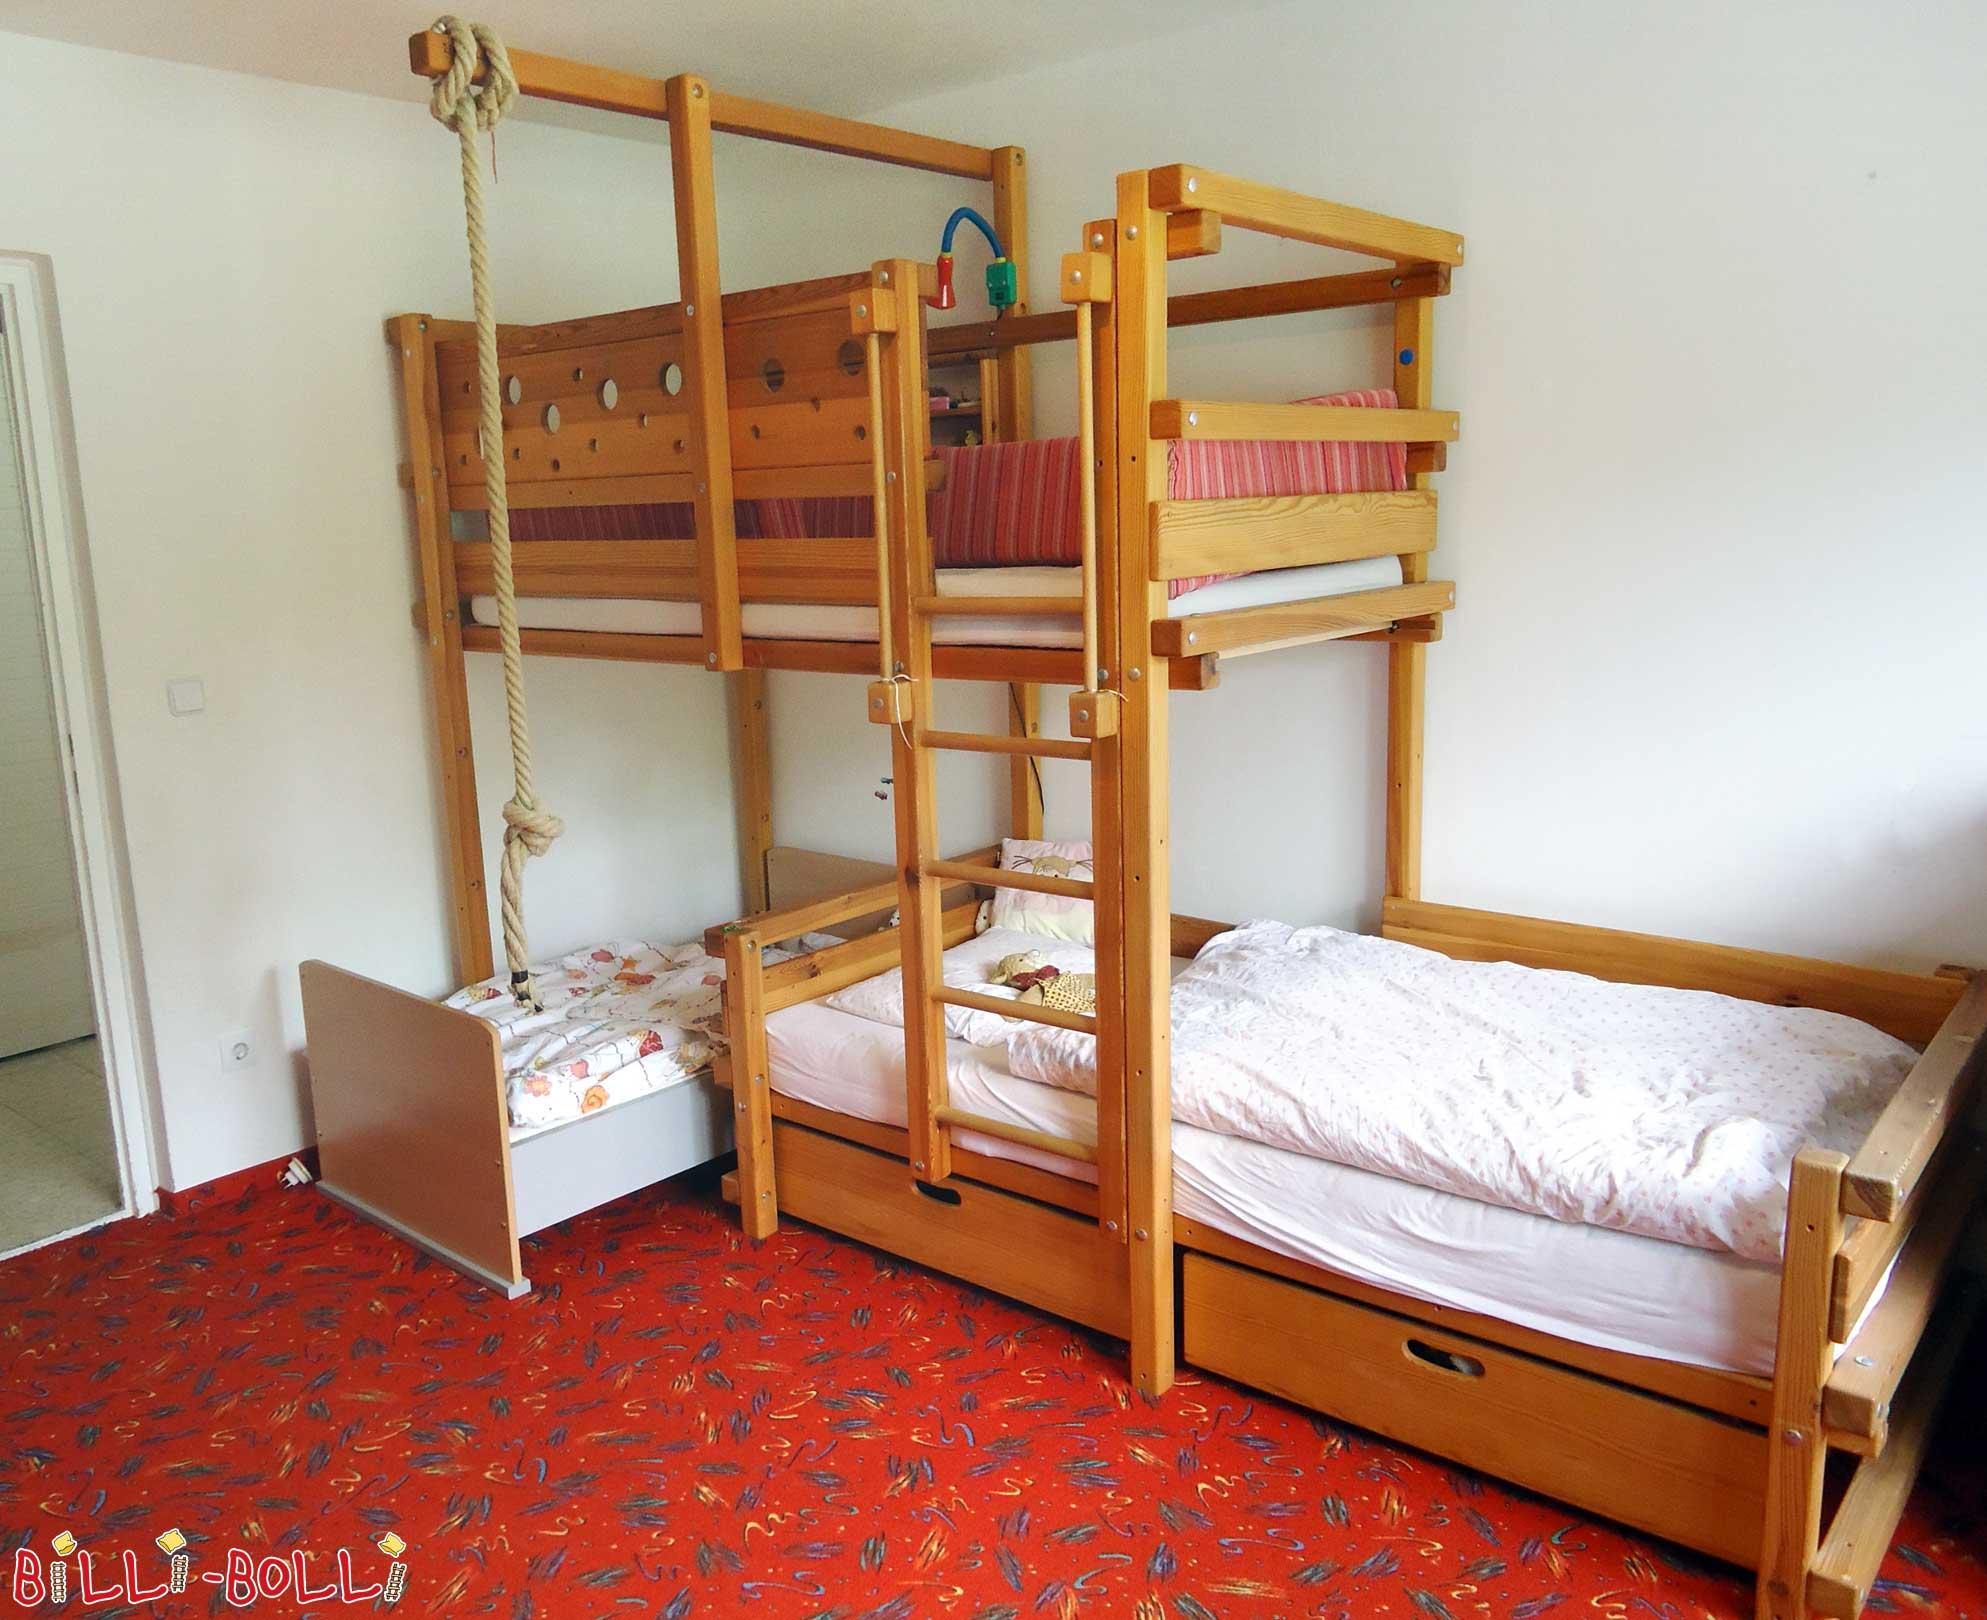 Etagenbett Dreier : Hochbett mit rutsche seitlich kinderbett treppe etagenbett